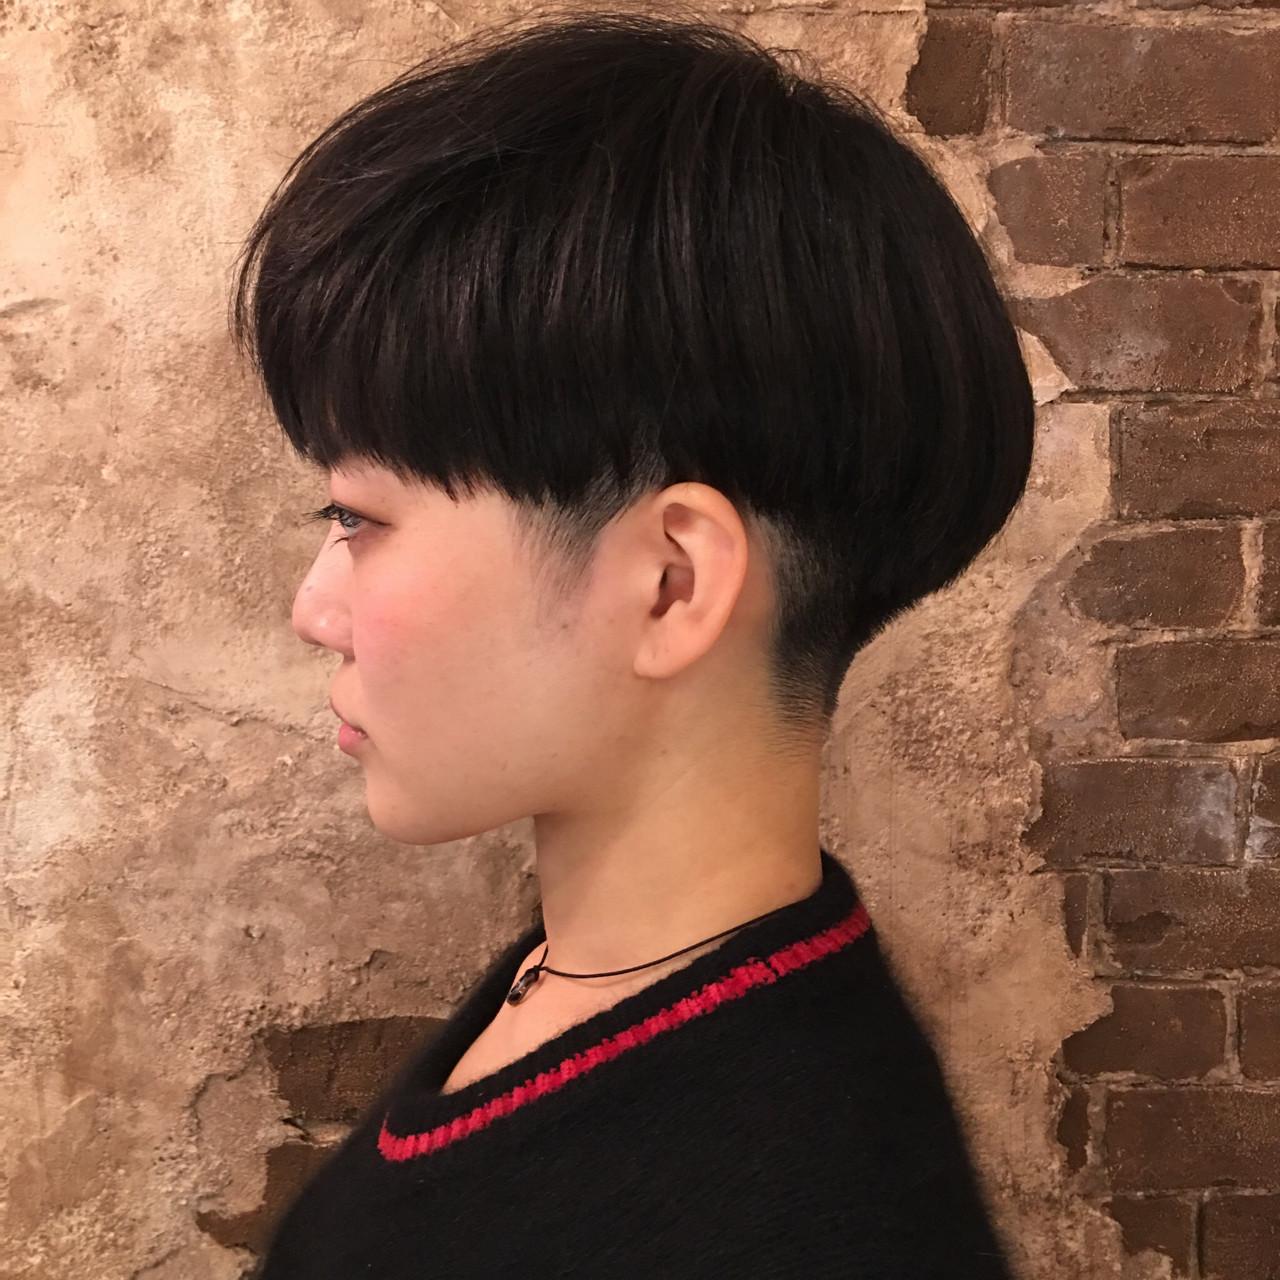 ベリーショート フリンジバング ショート 前髪ありヘアスタイルや髪型の写真・画像